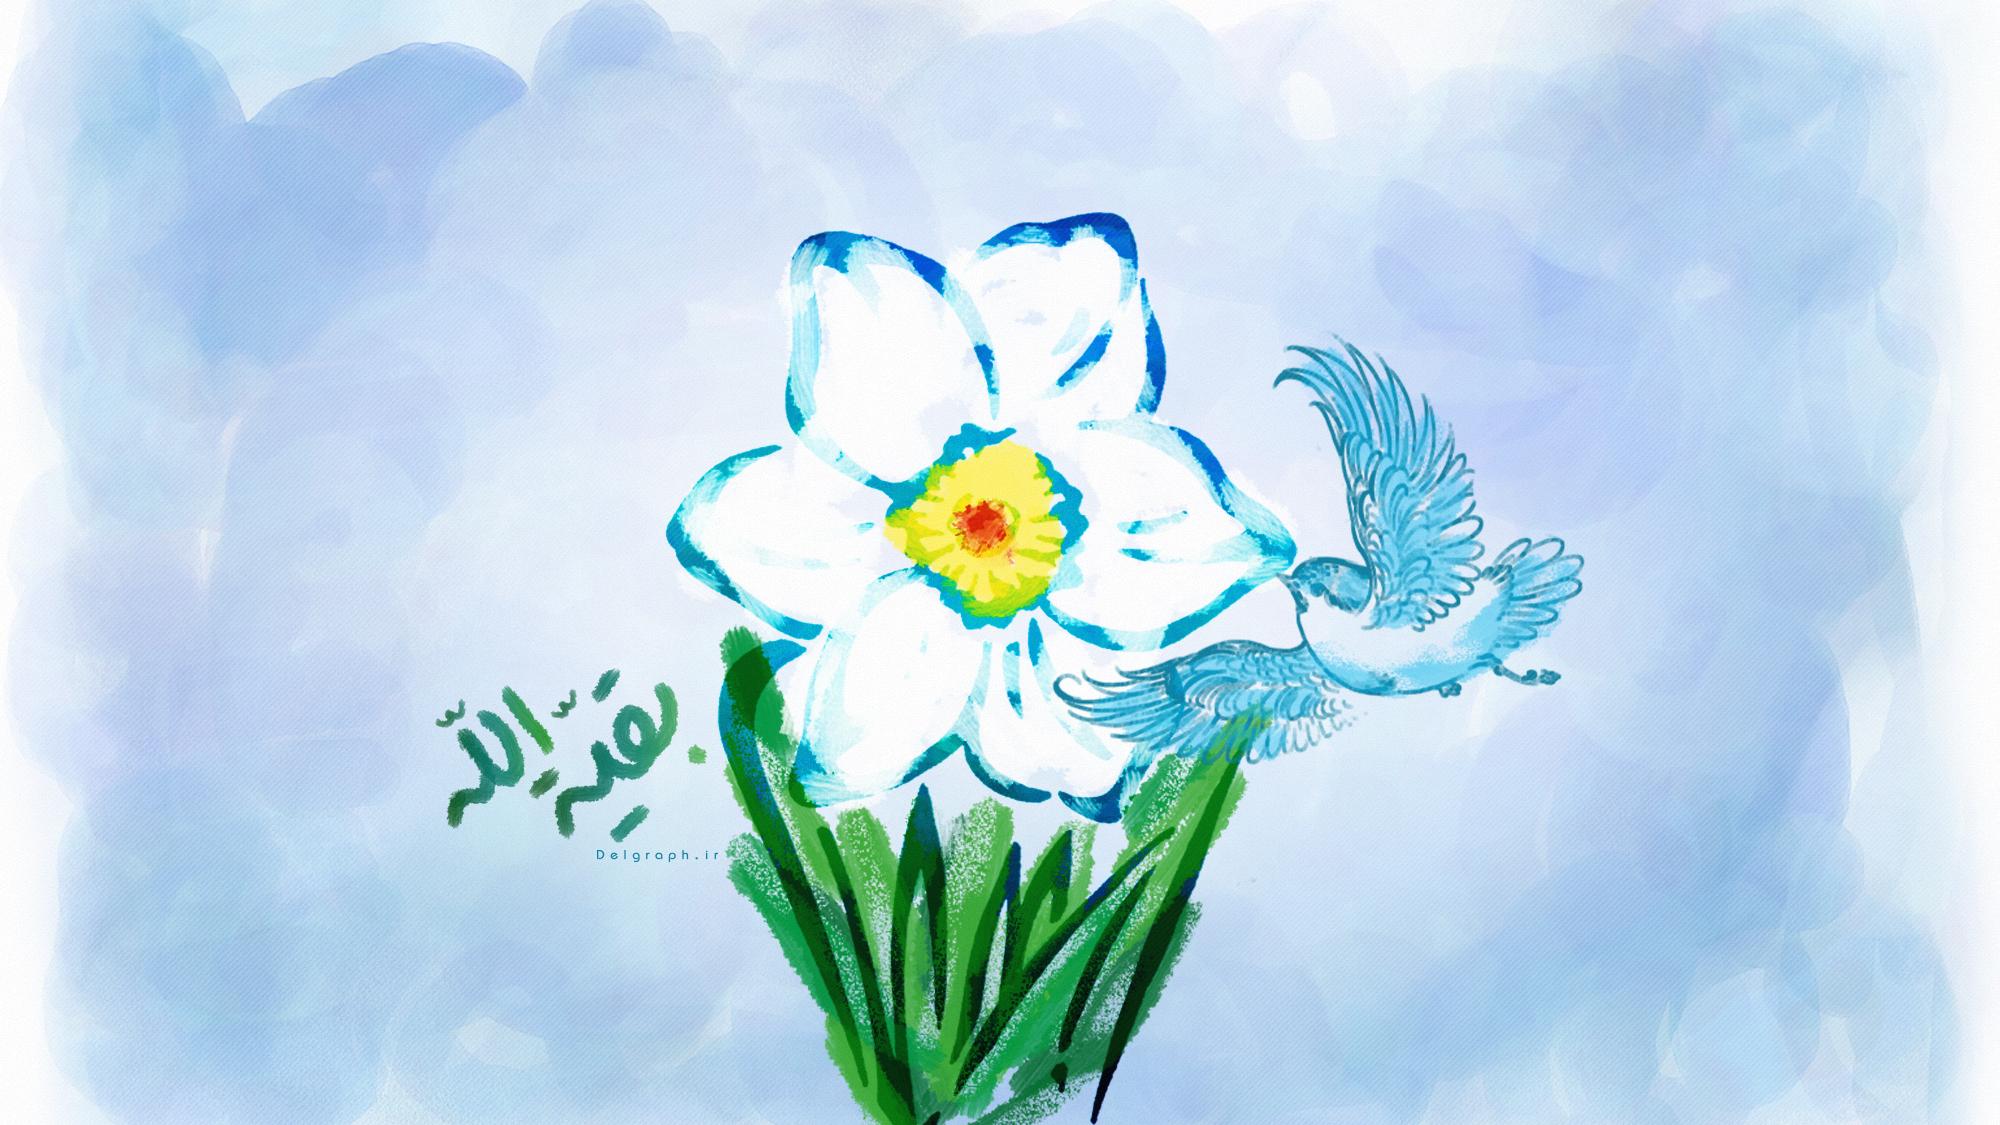 BaqiatAllah_Pic14.ir_